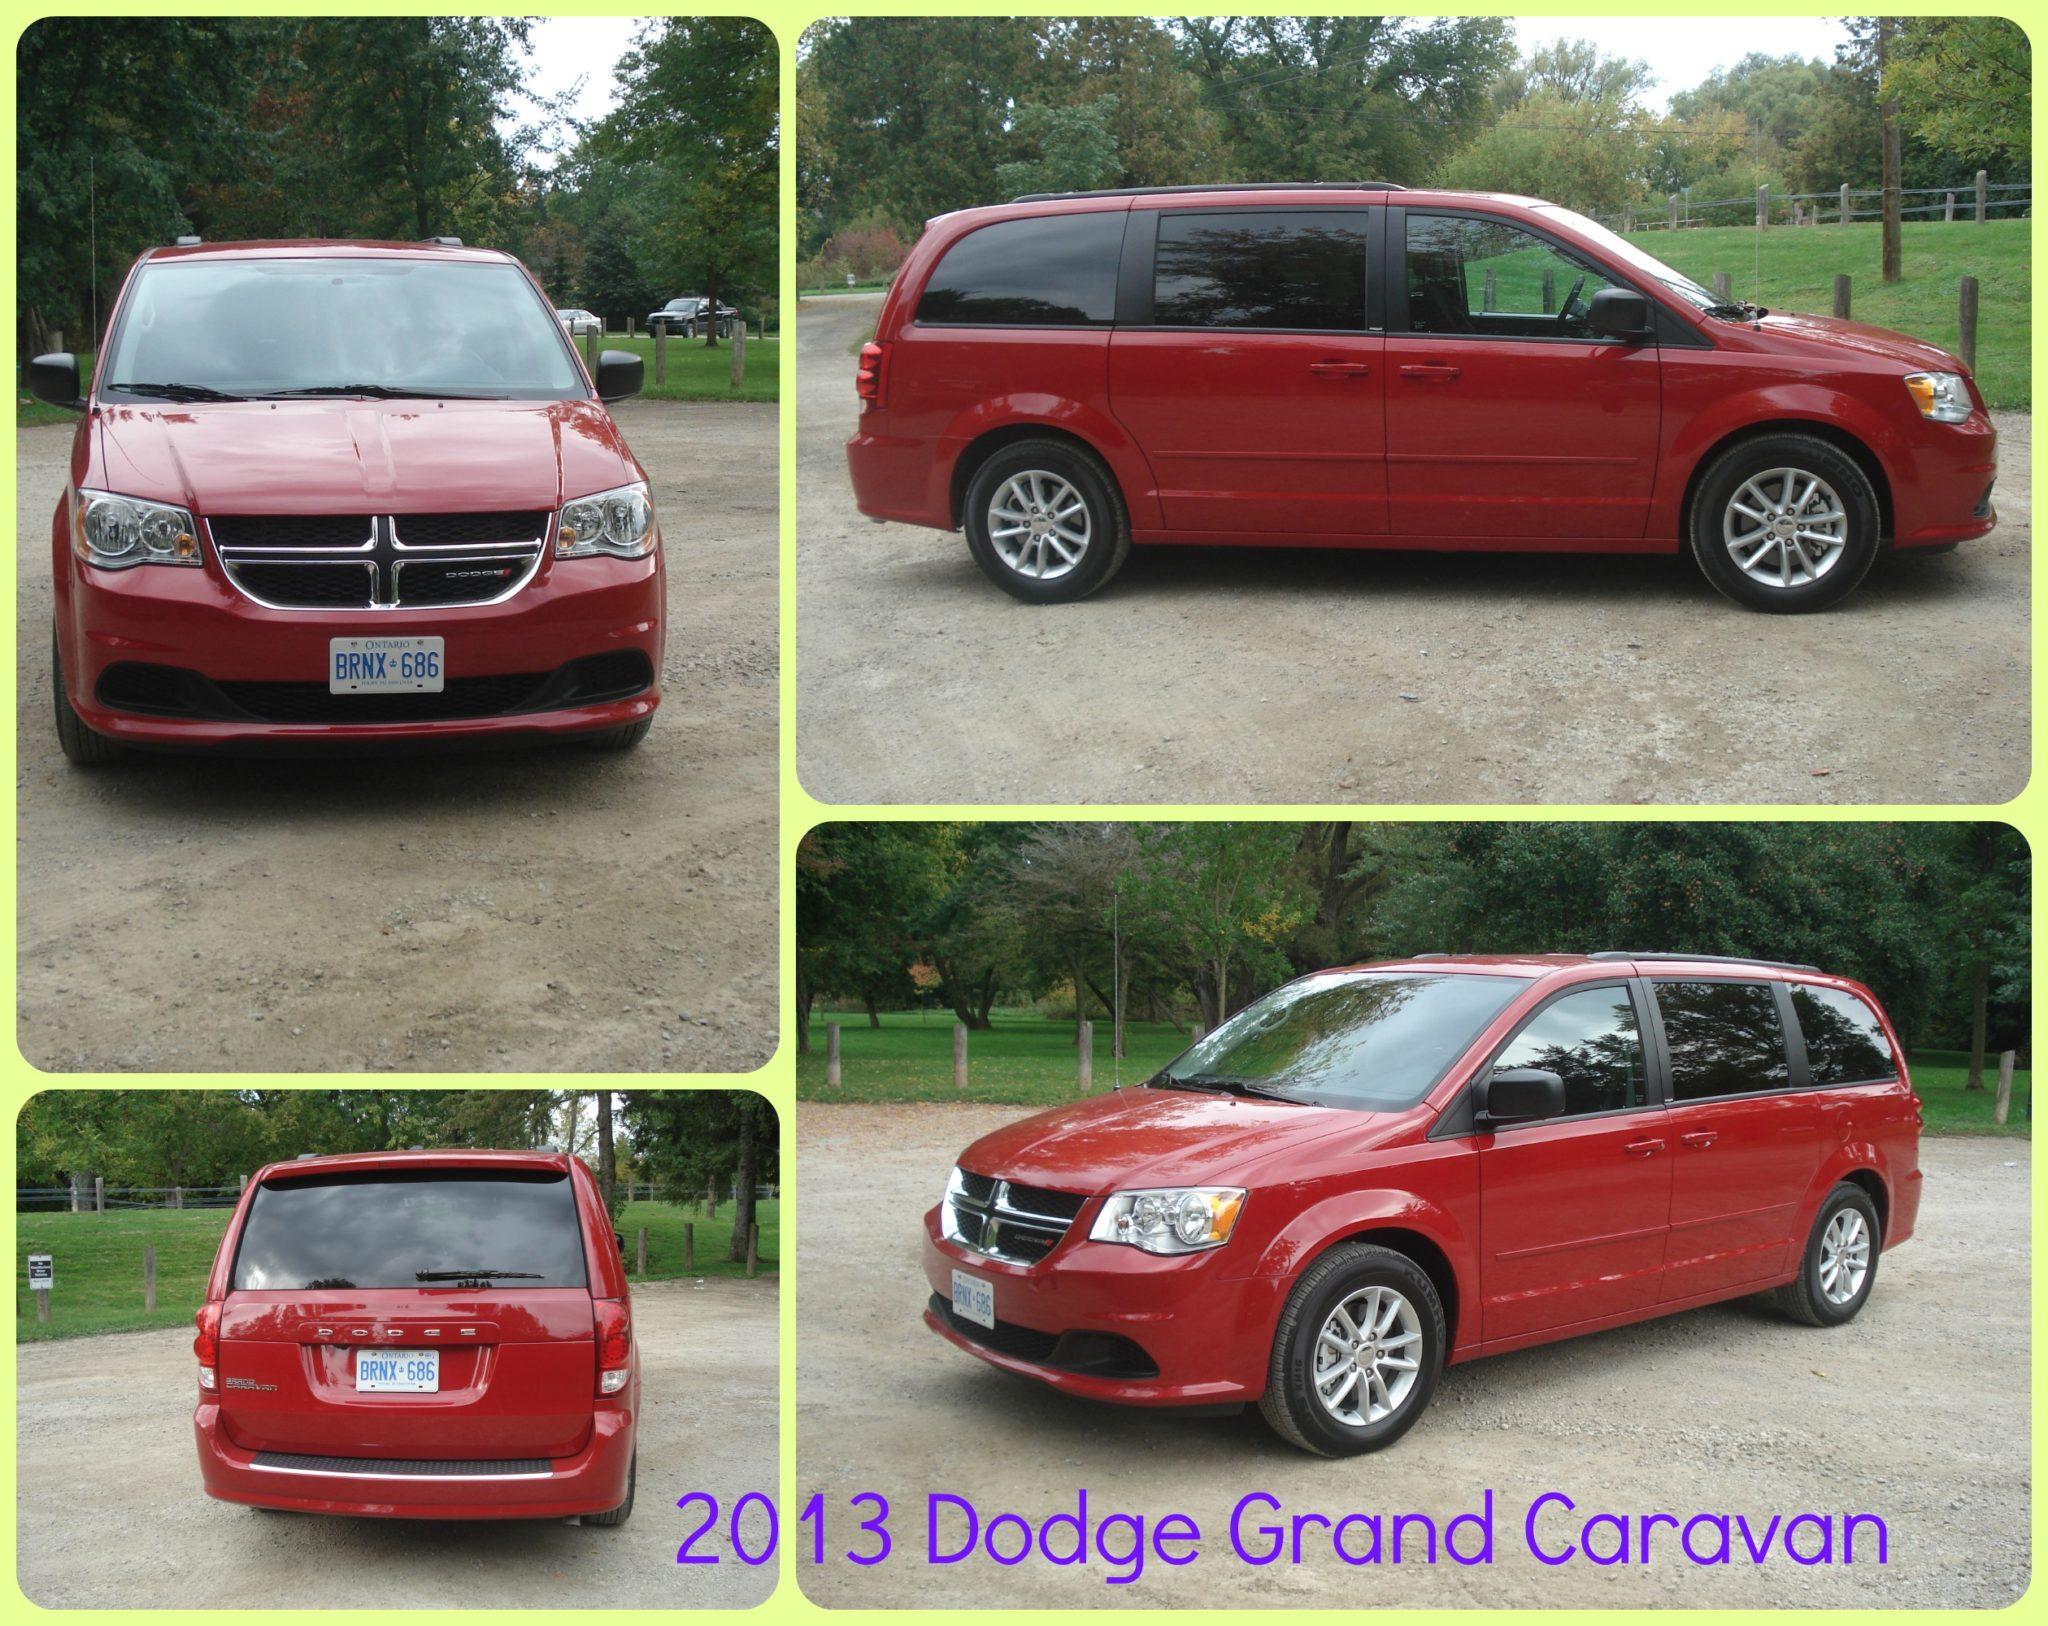 2013 Dodge Grand Caravan Review